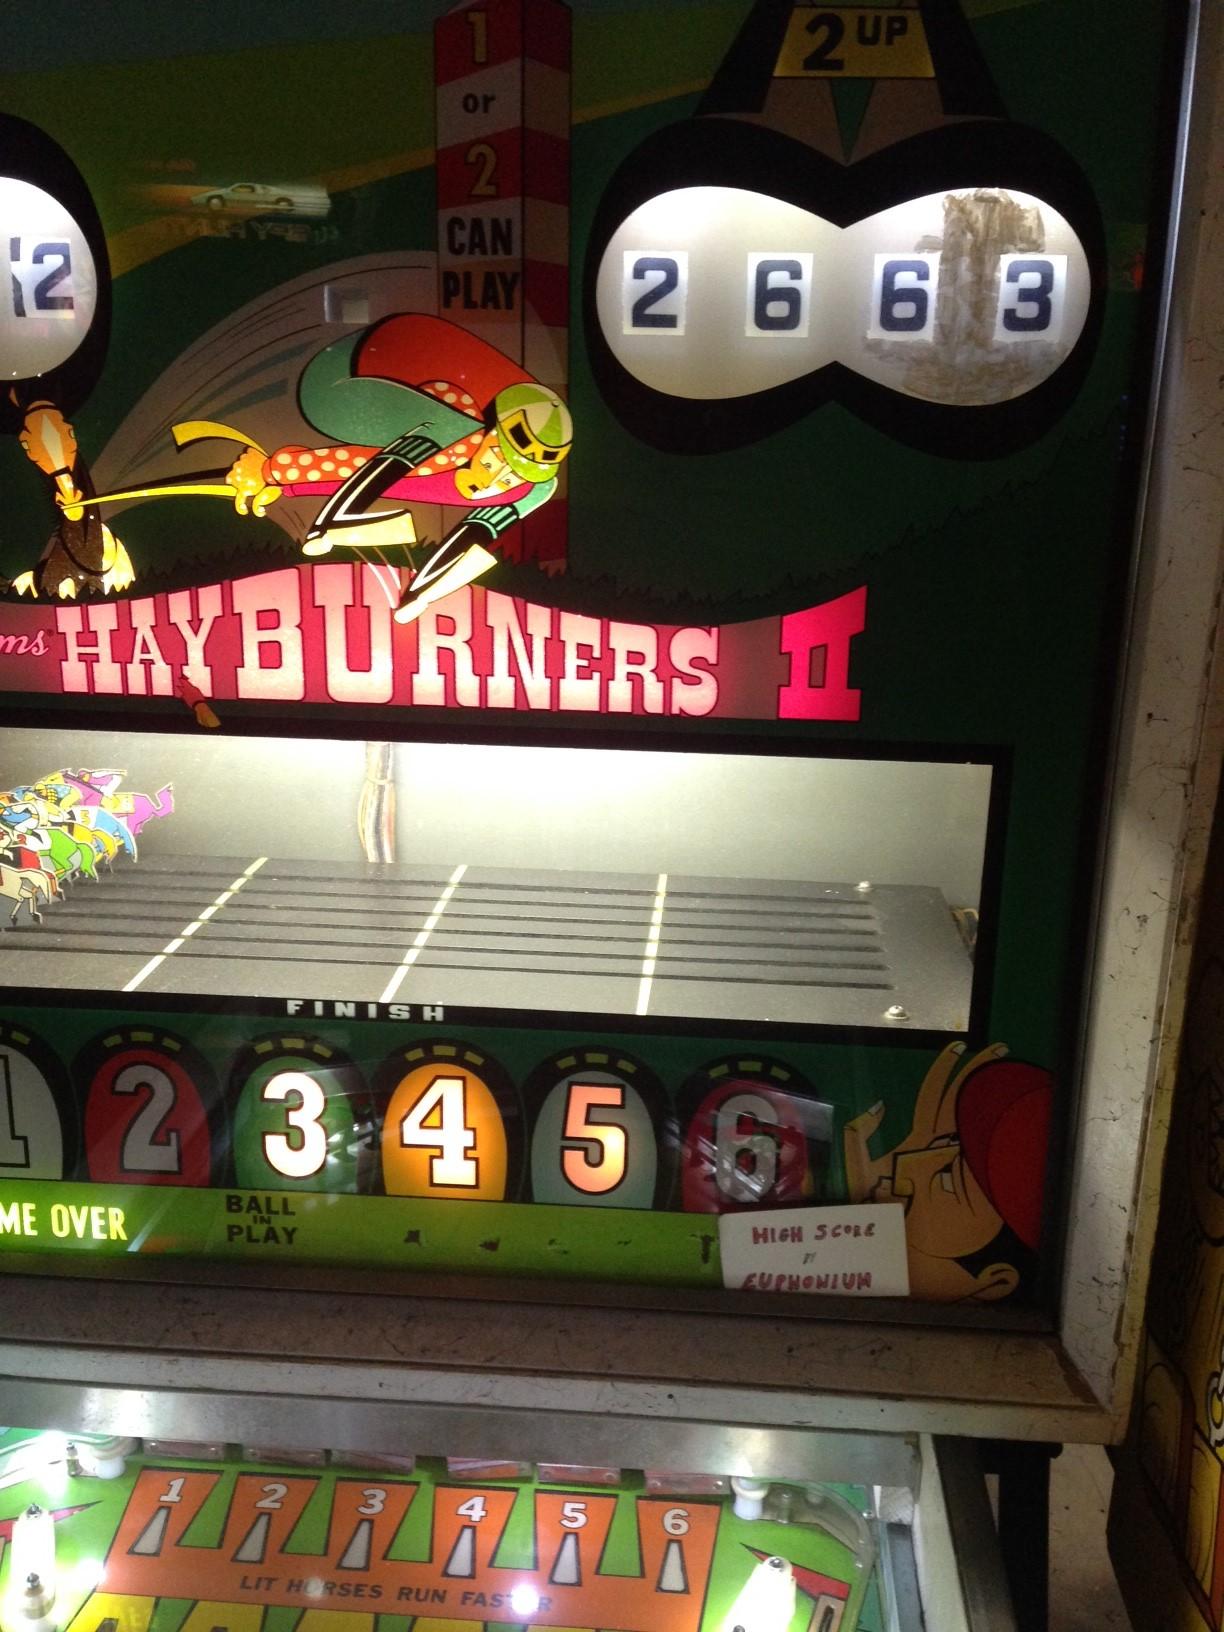 euphonium: Hayburners II (Pinball: 5 Balls) 2,663 points on 2017-04-13 23:00:03